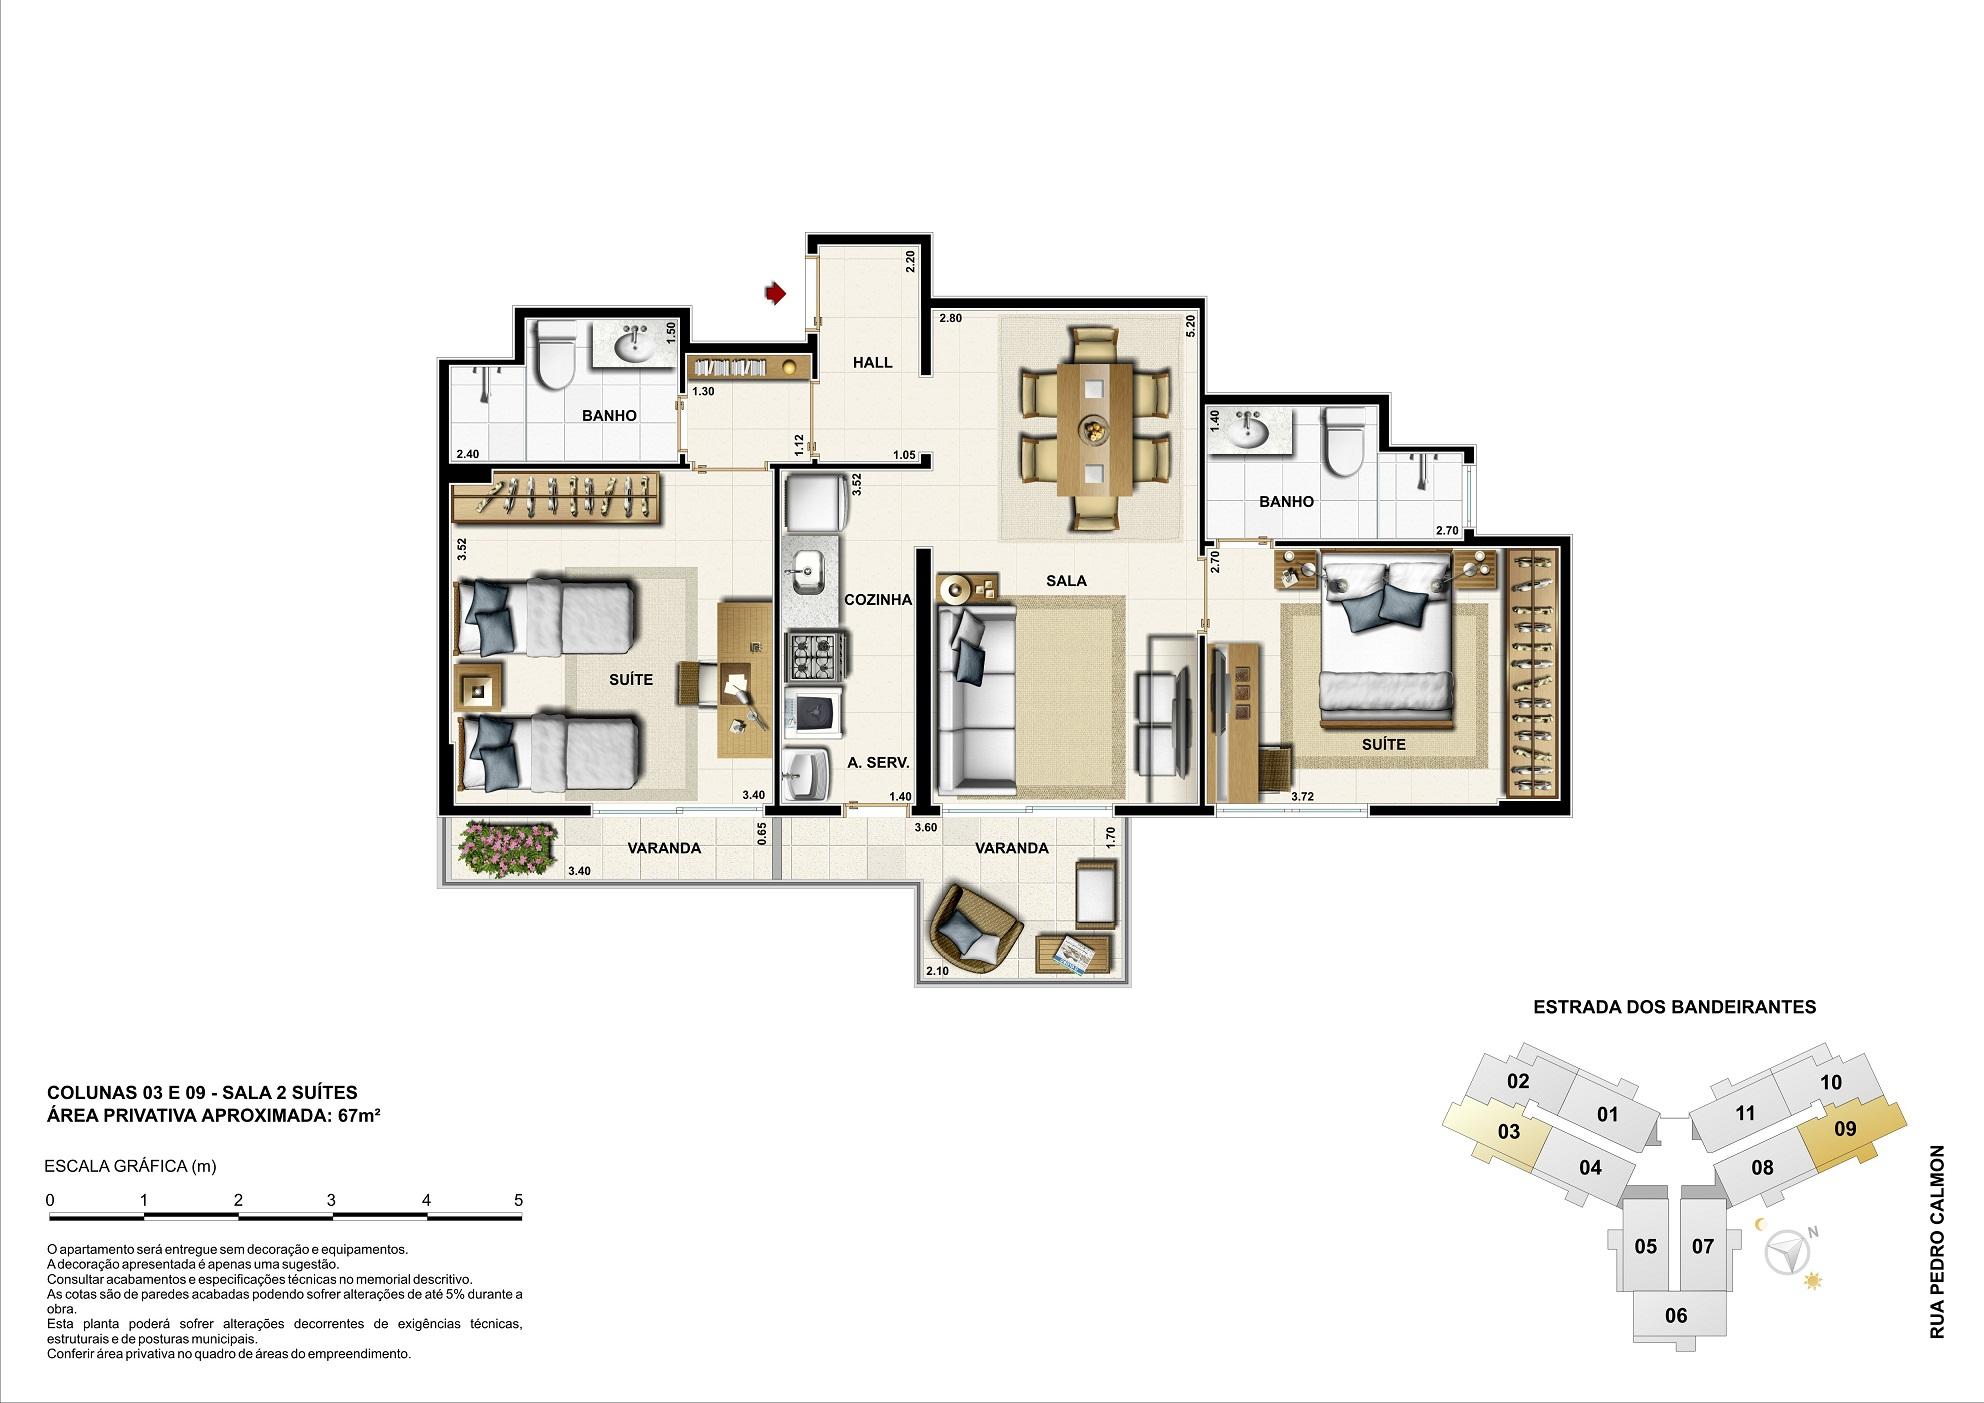 Opção residencial - 67m²